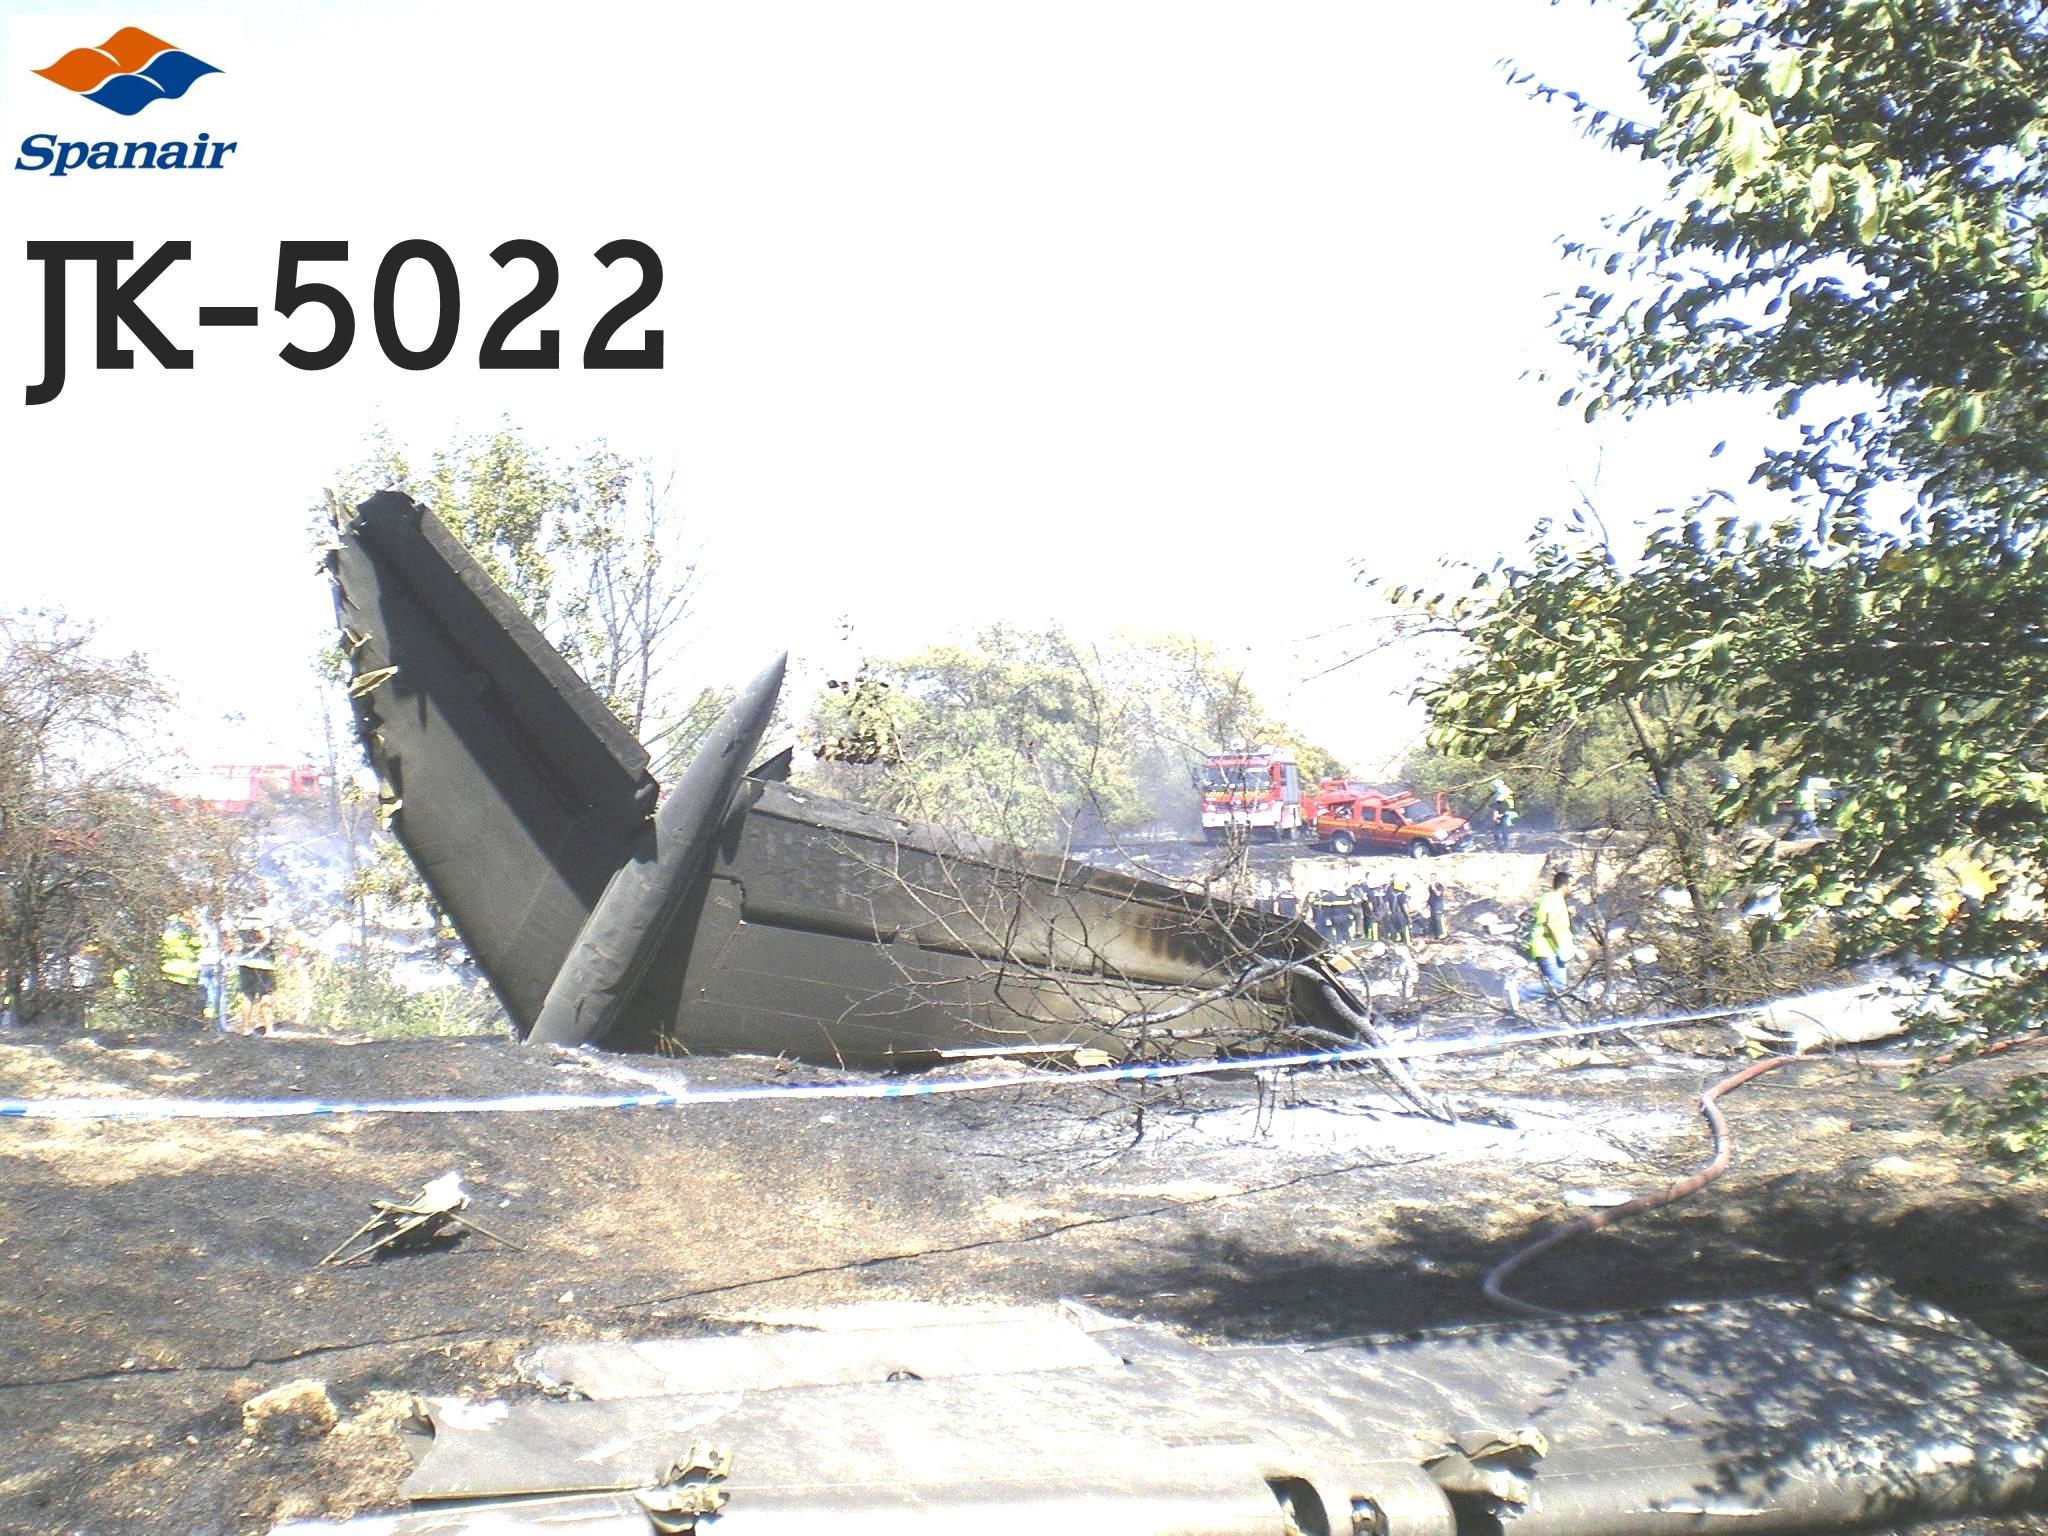 11 años tragedia vuelo JK5022 Spanair |